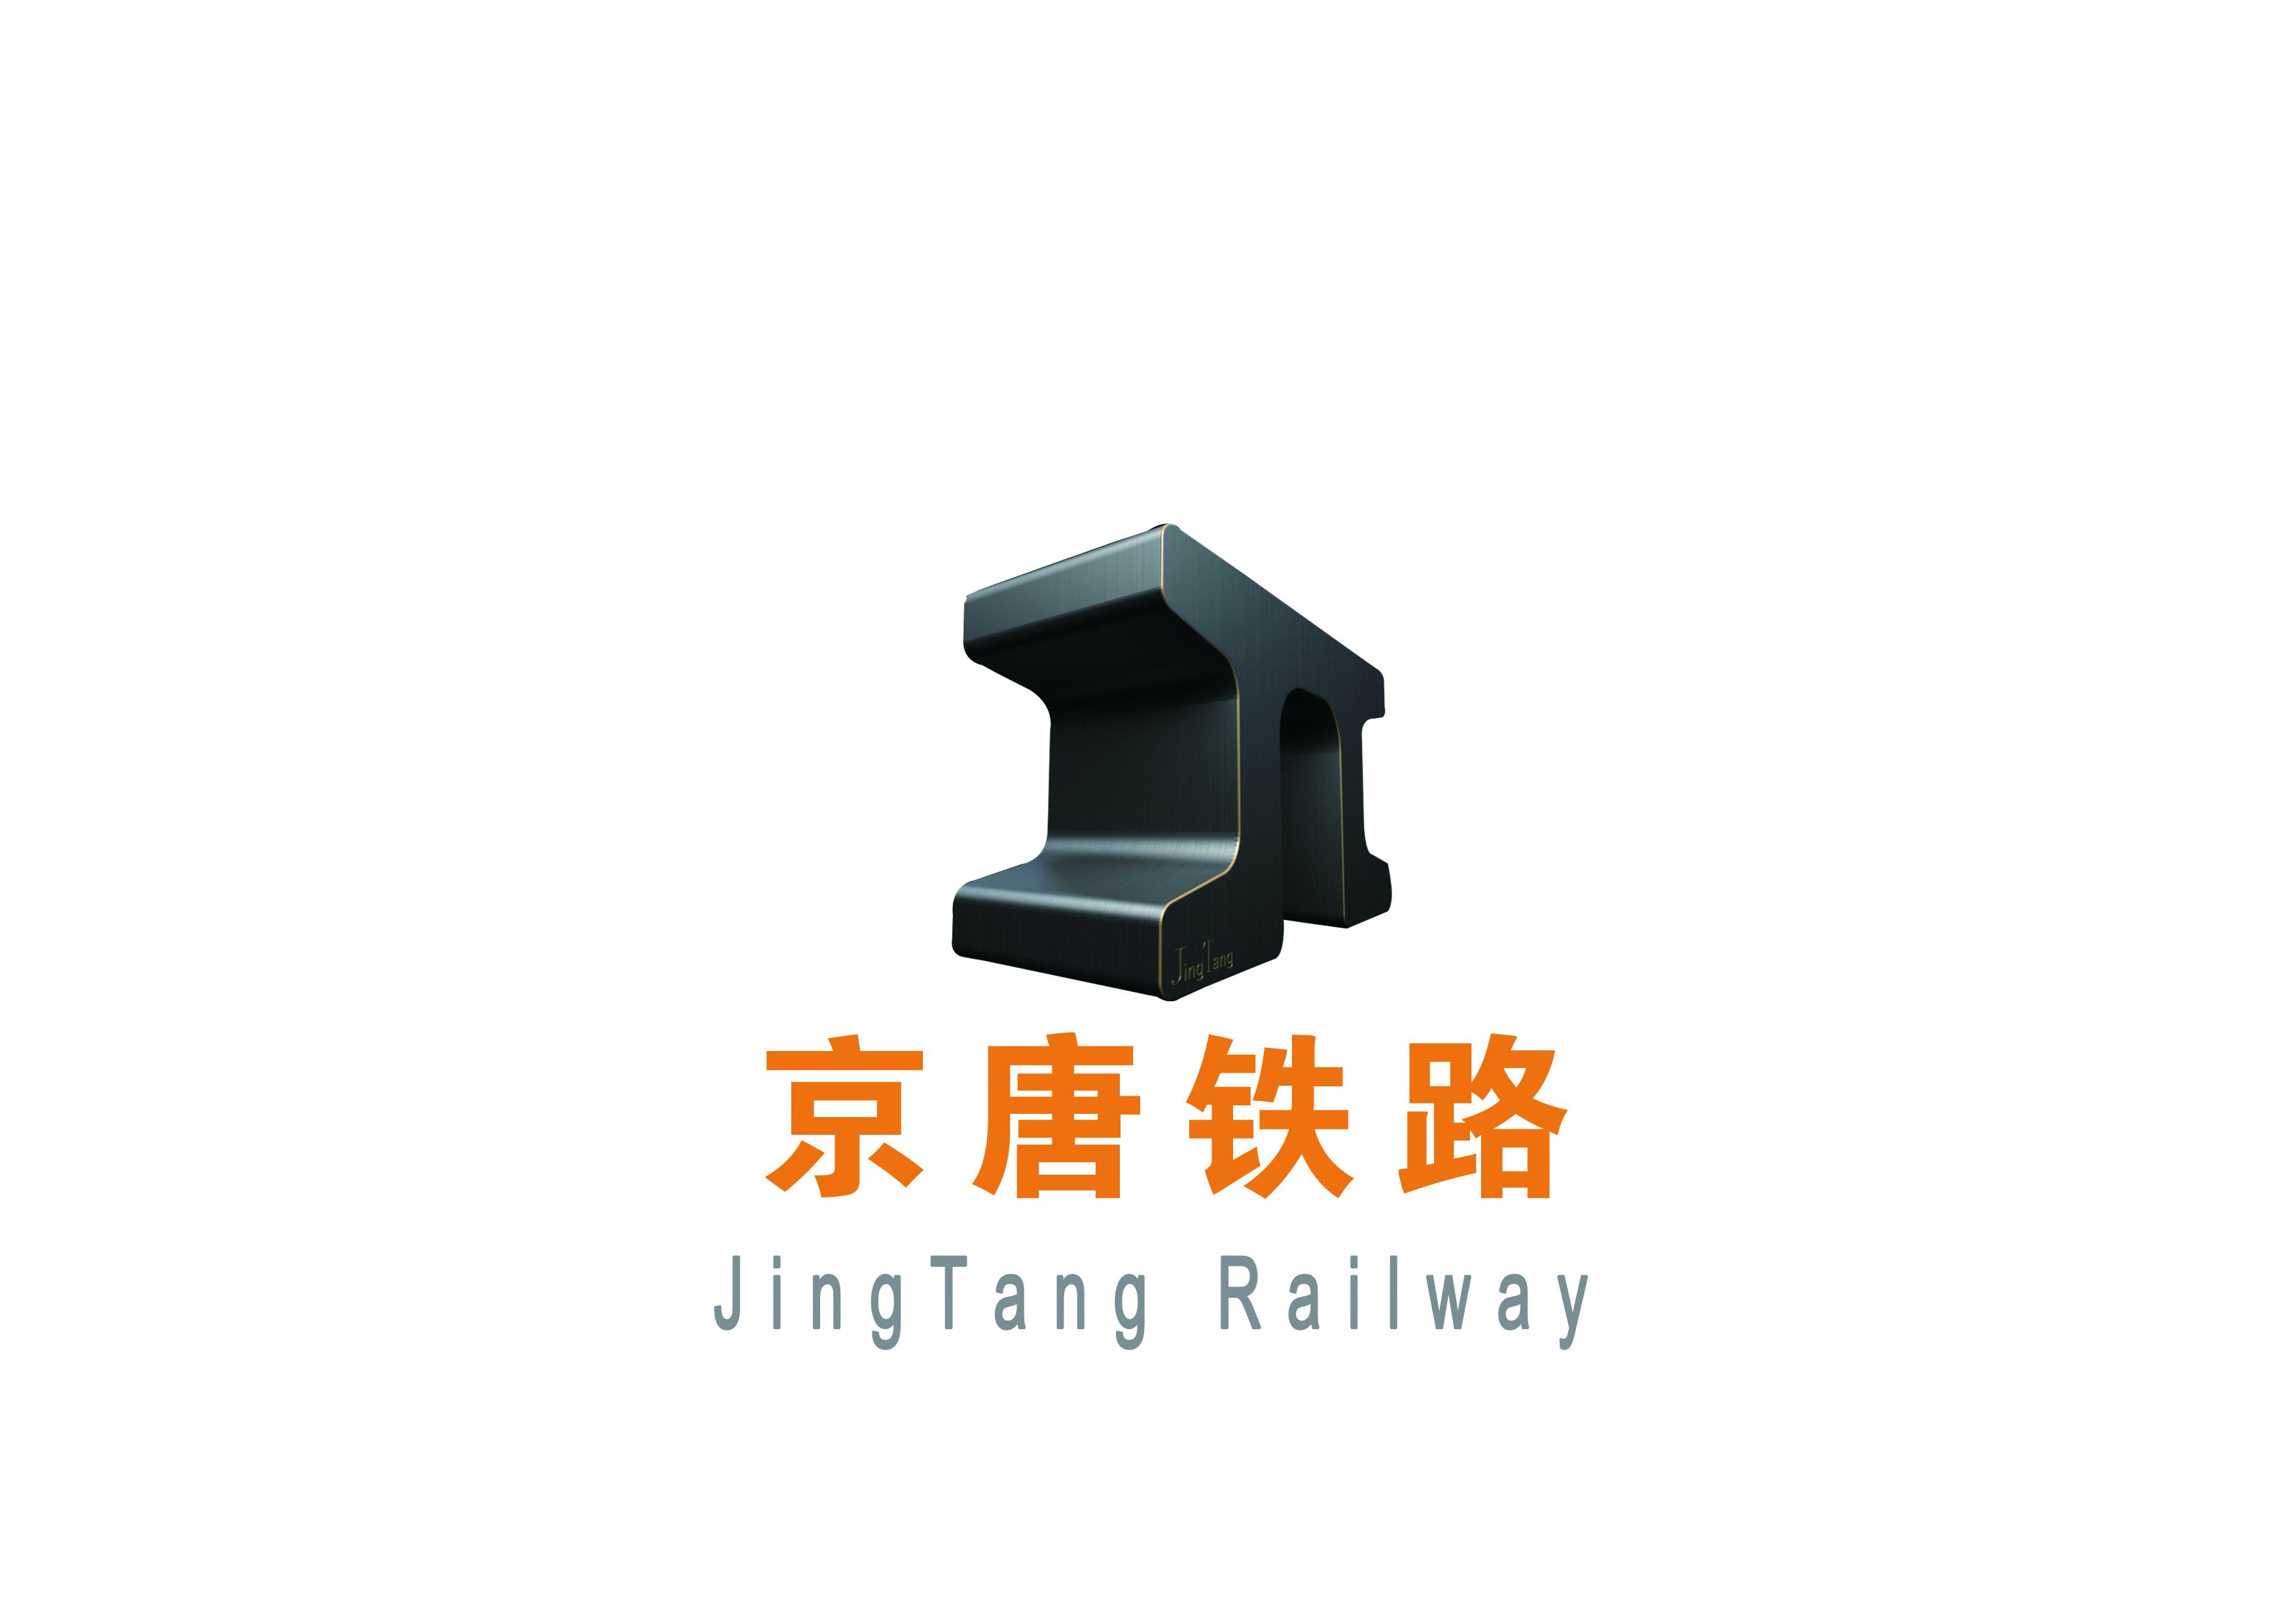 唐山京唐鐵路有限公司